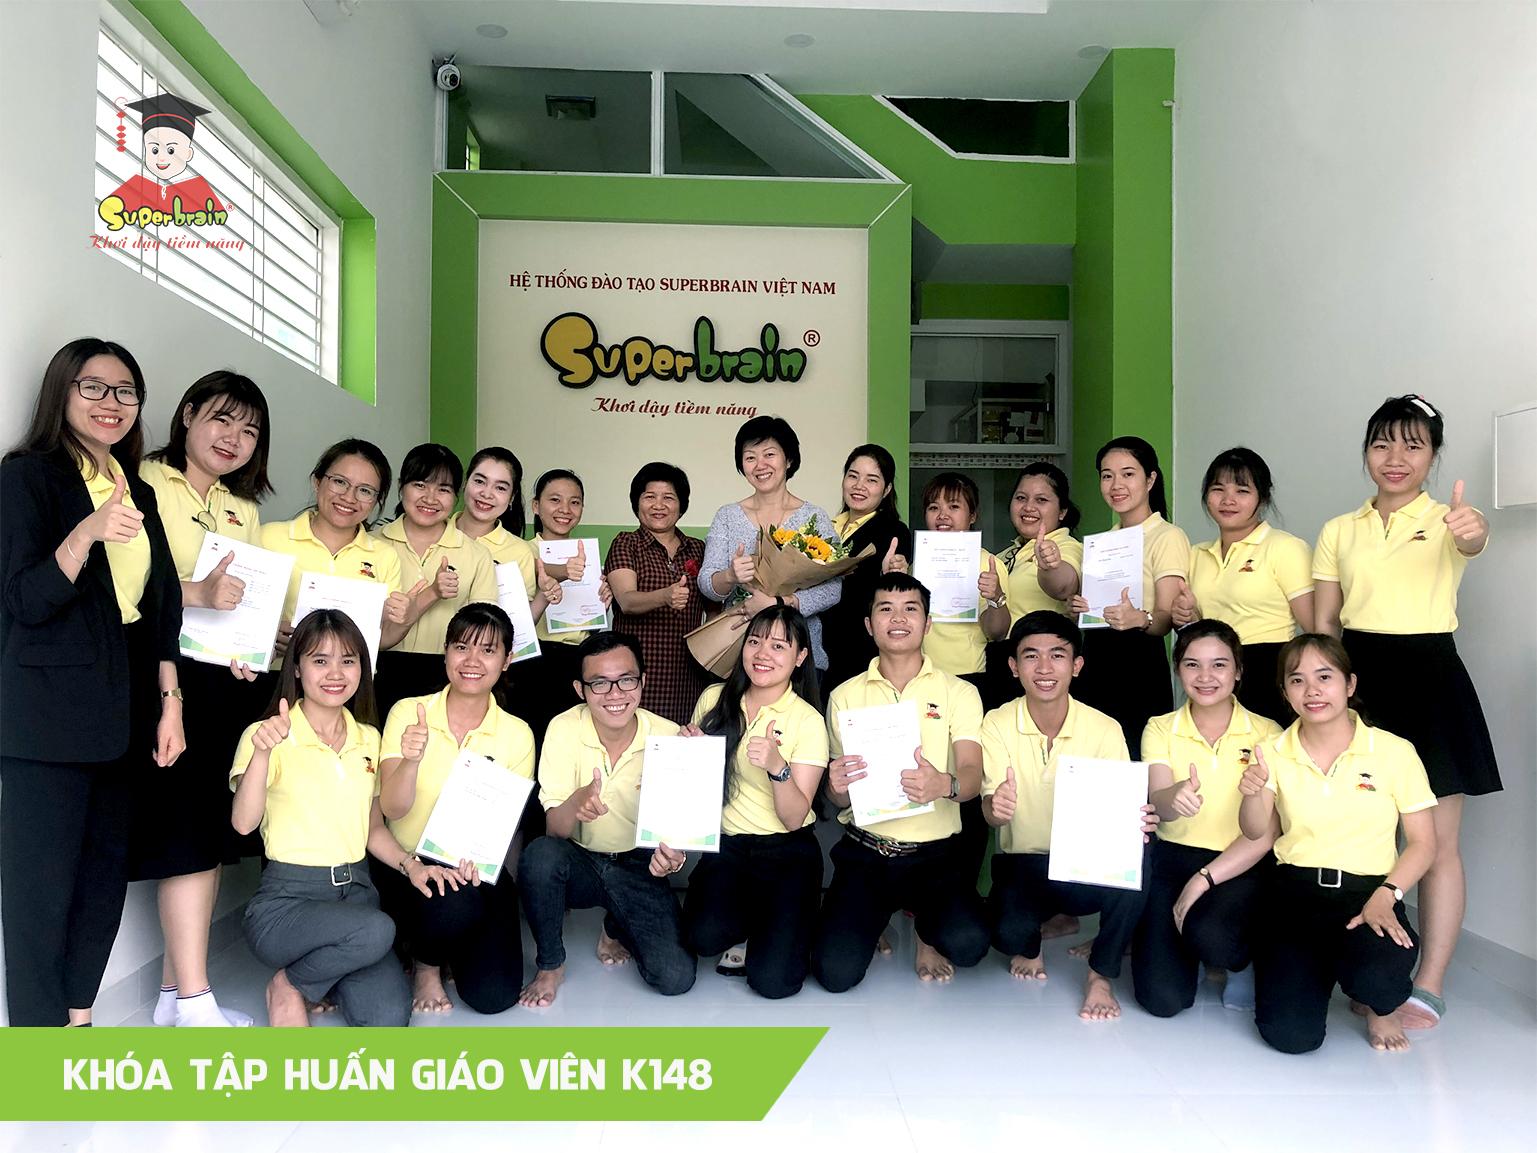 Toán trí tuệ Superbrain - Khóa tập huấn giáo viên K148